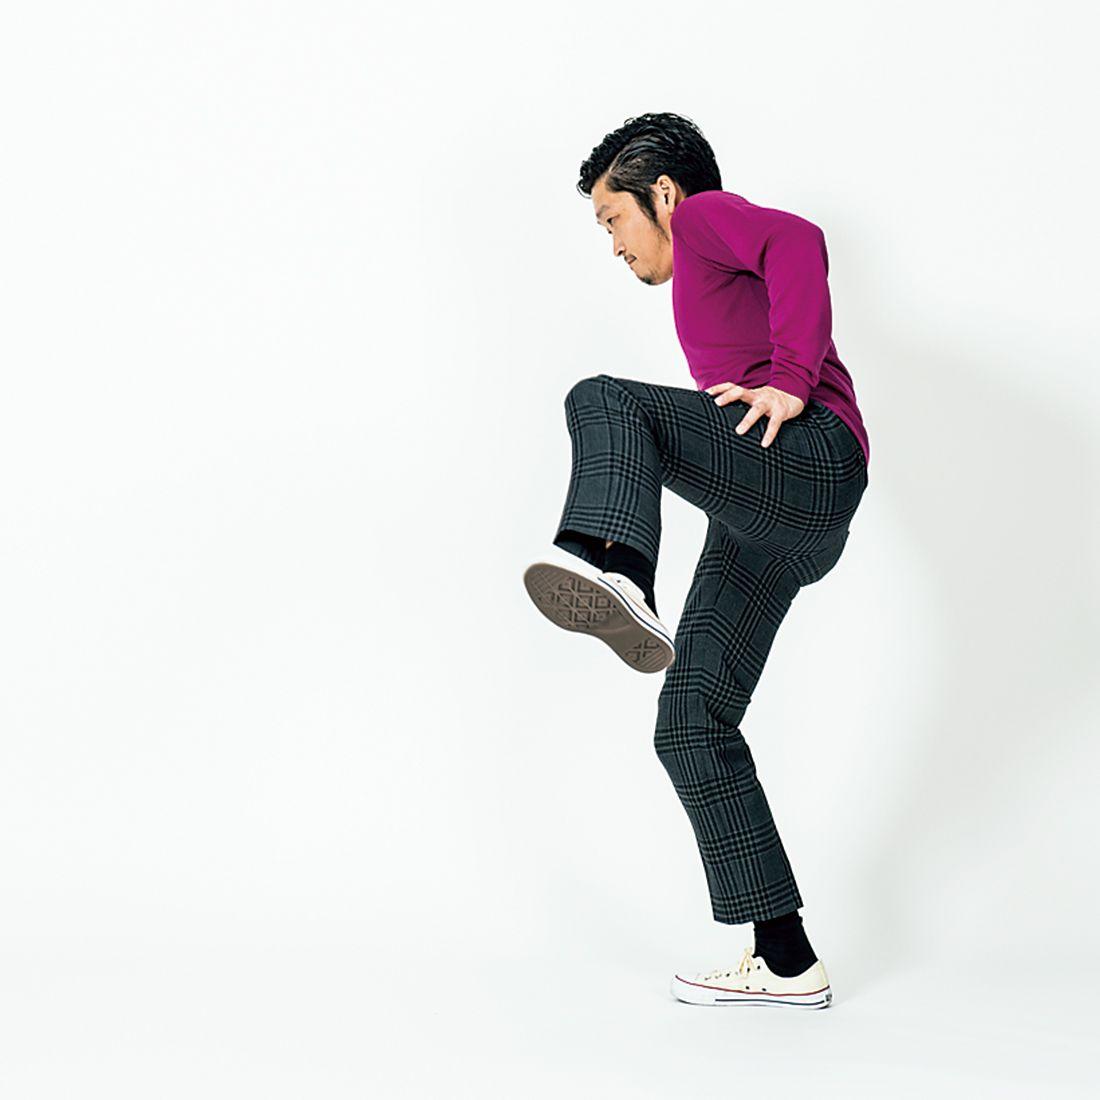 【NG例】前に出しちゃダメ!膝が身体の前に出ないように。